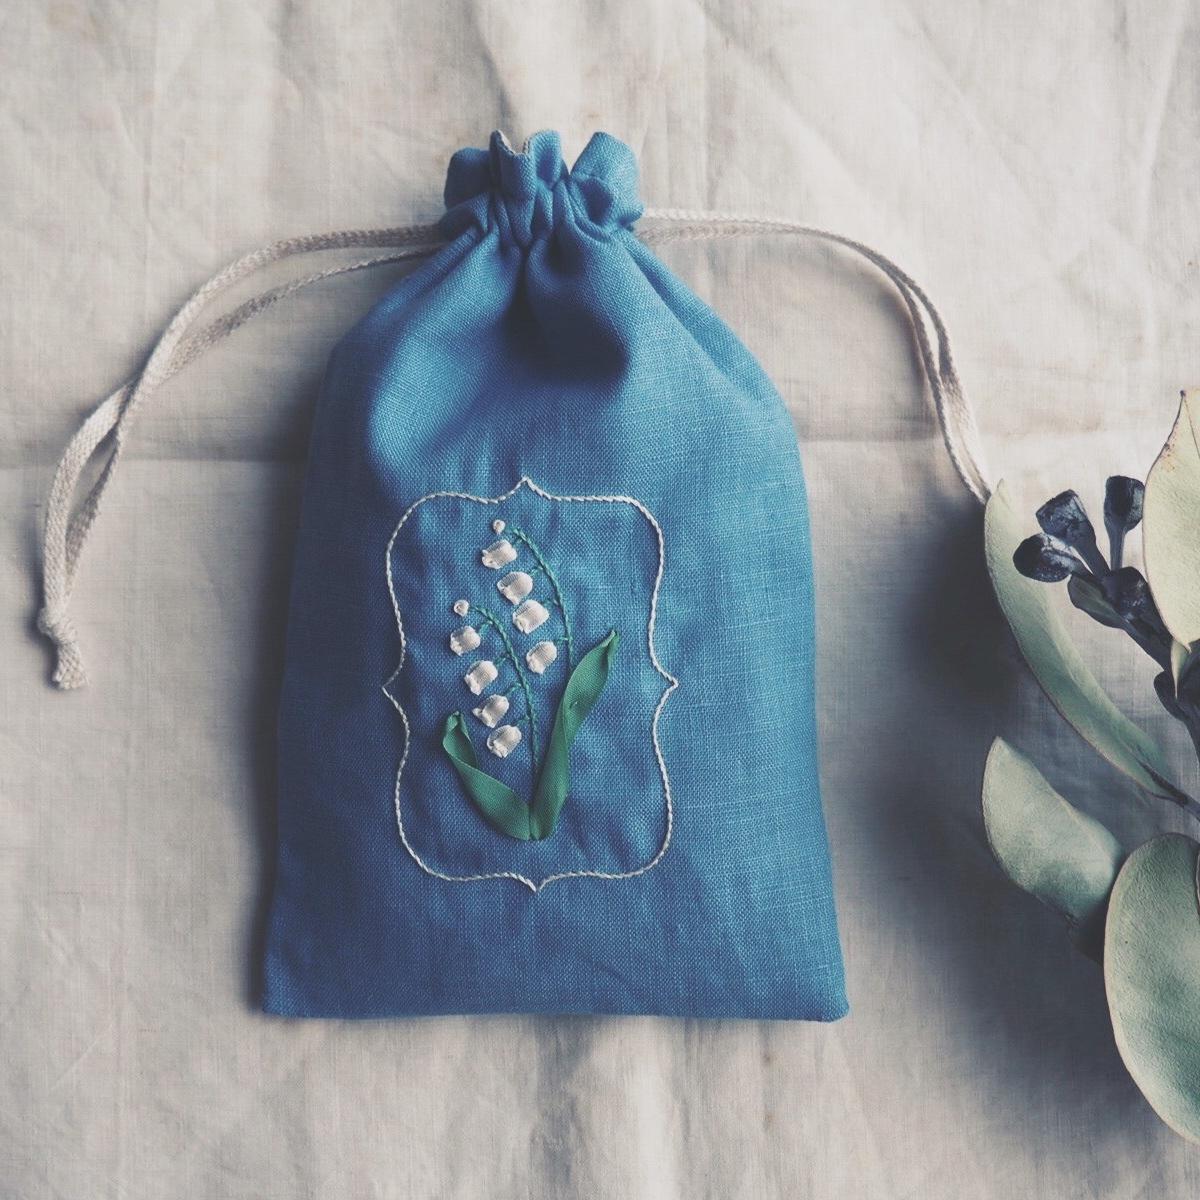 リボン刺繍ワークショップ「スズランの巾着袋」開催のお知らせ_d0023111_13424825.jpeg